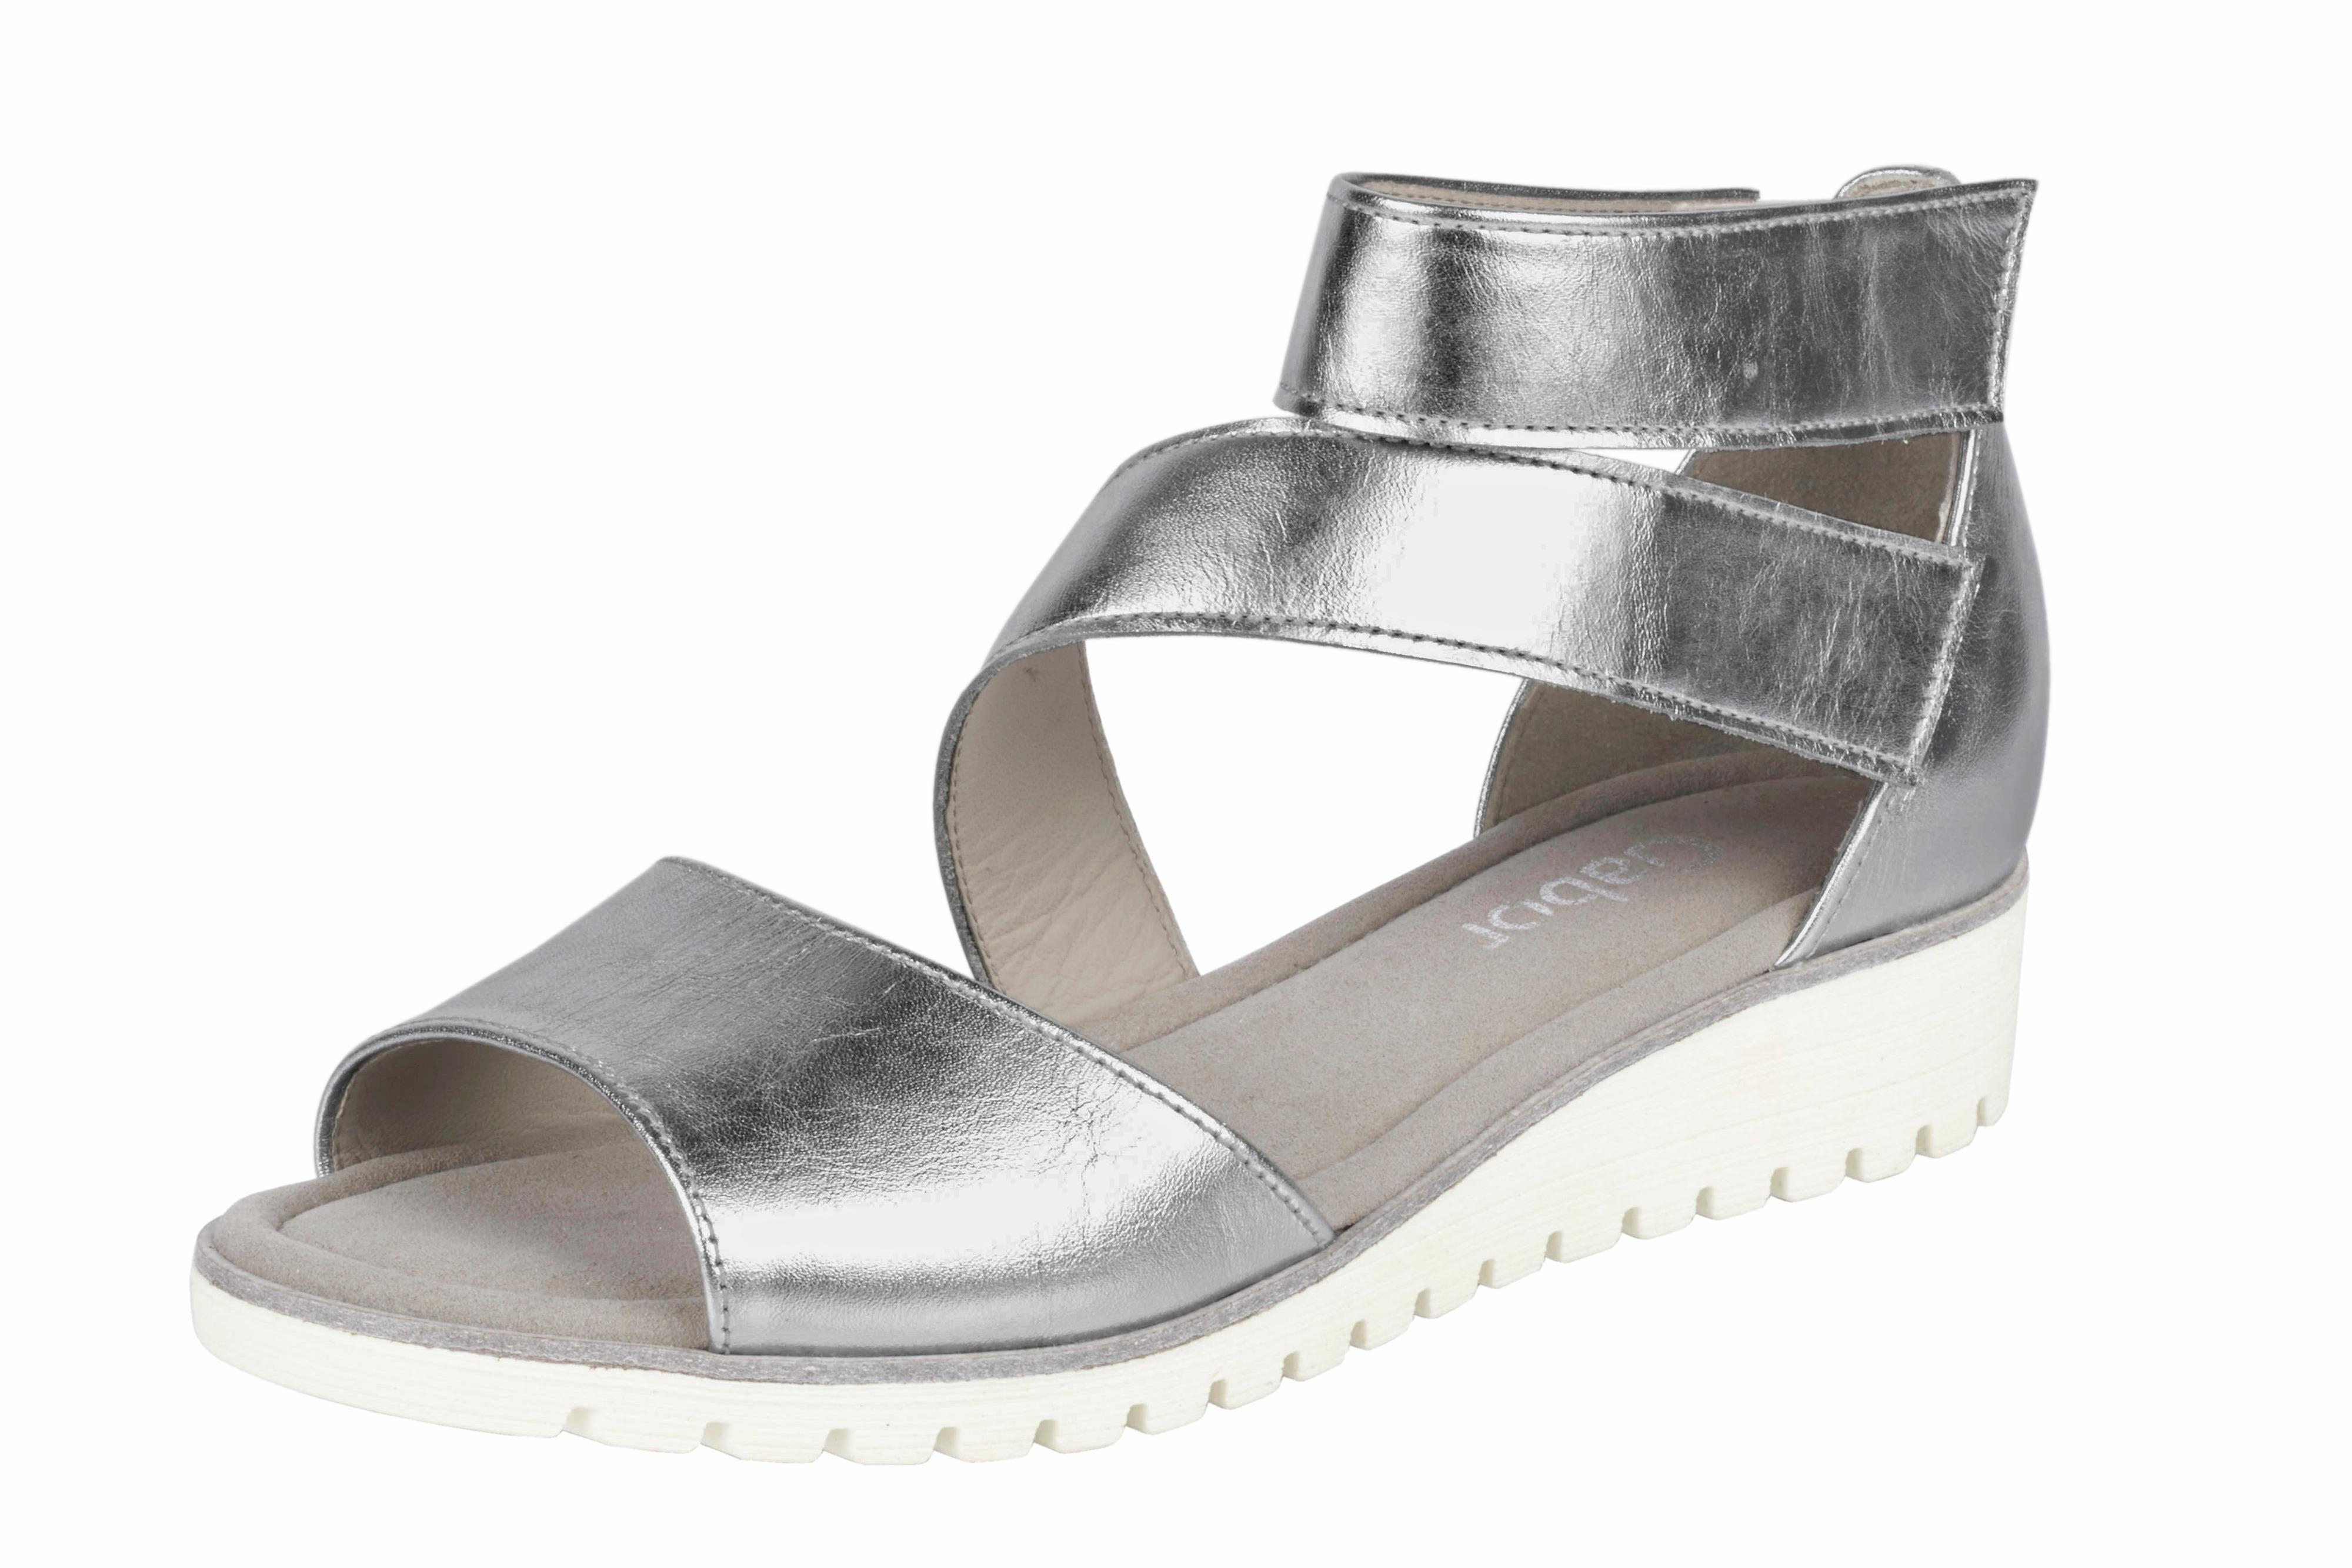 GABOR Sandalette mit Glanzeffekt online kaufen  silberfarben